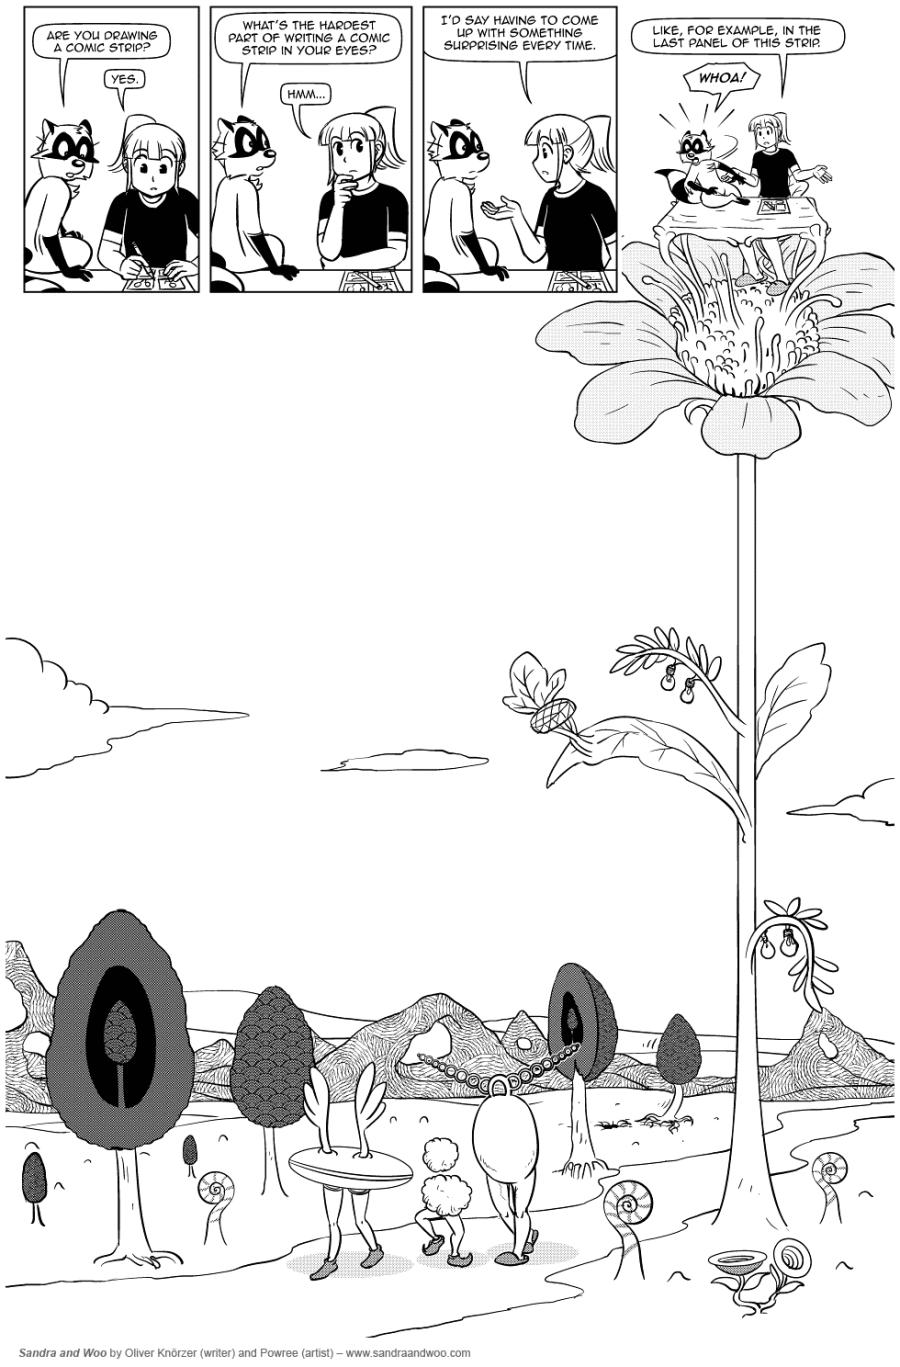 sandraandwoo-0671-the-last-panel